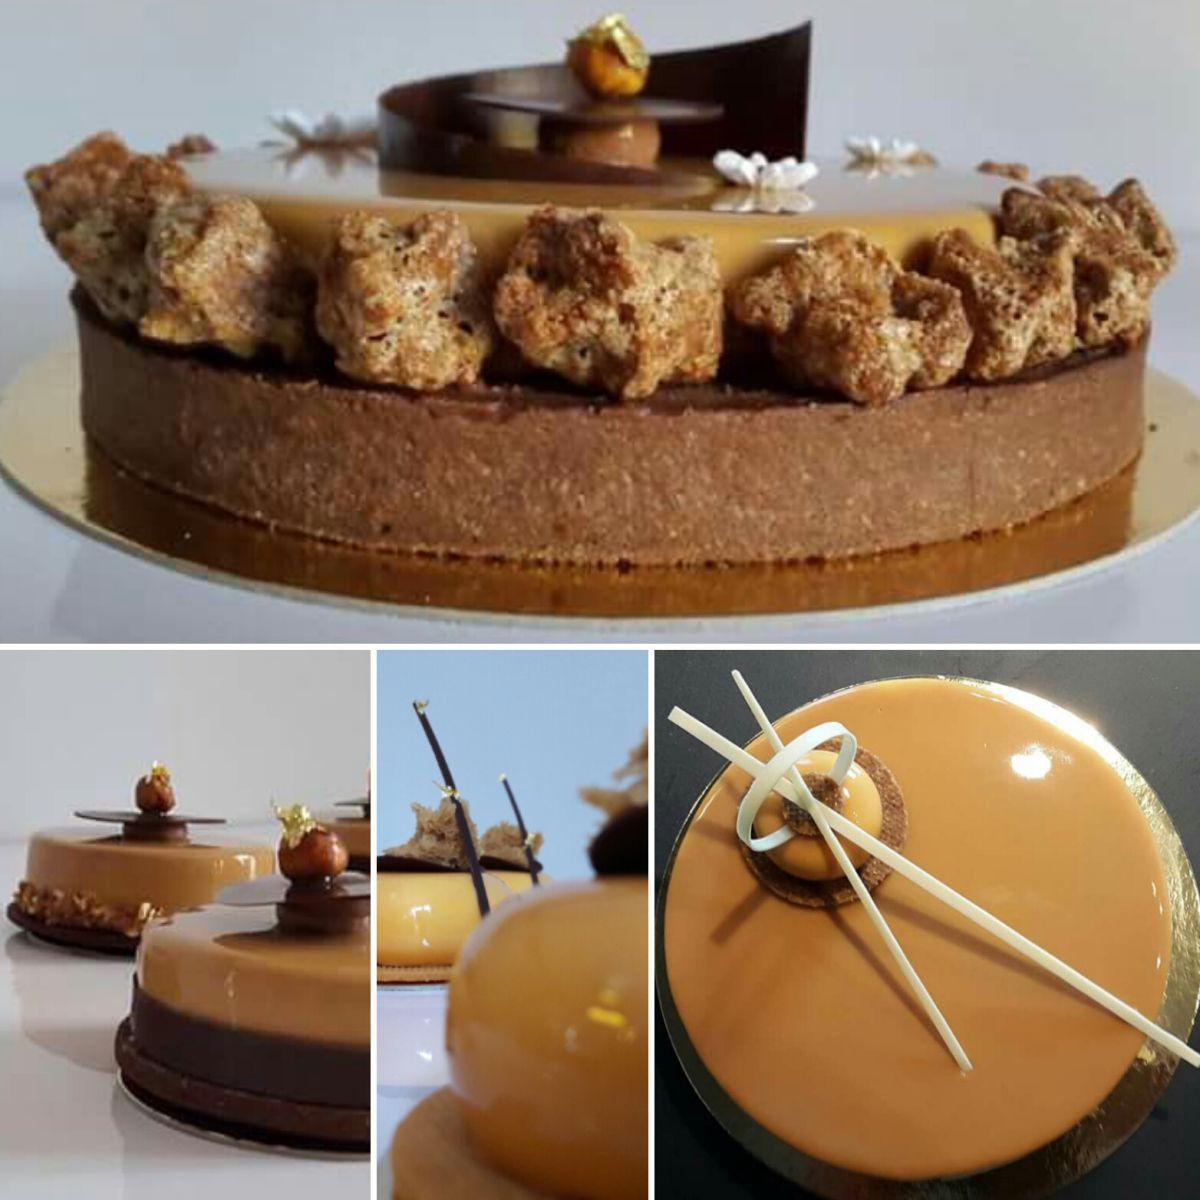 gla age miroir au caramel pour le gla age des entremets caramel beurre sale pinterest. Black Bedroom Furniture Sets. Home Design Ideas